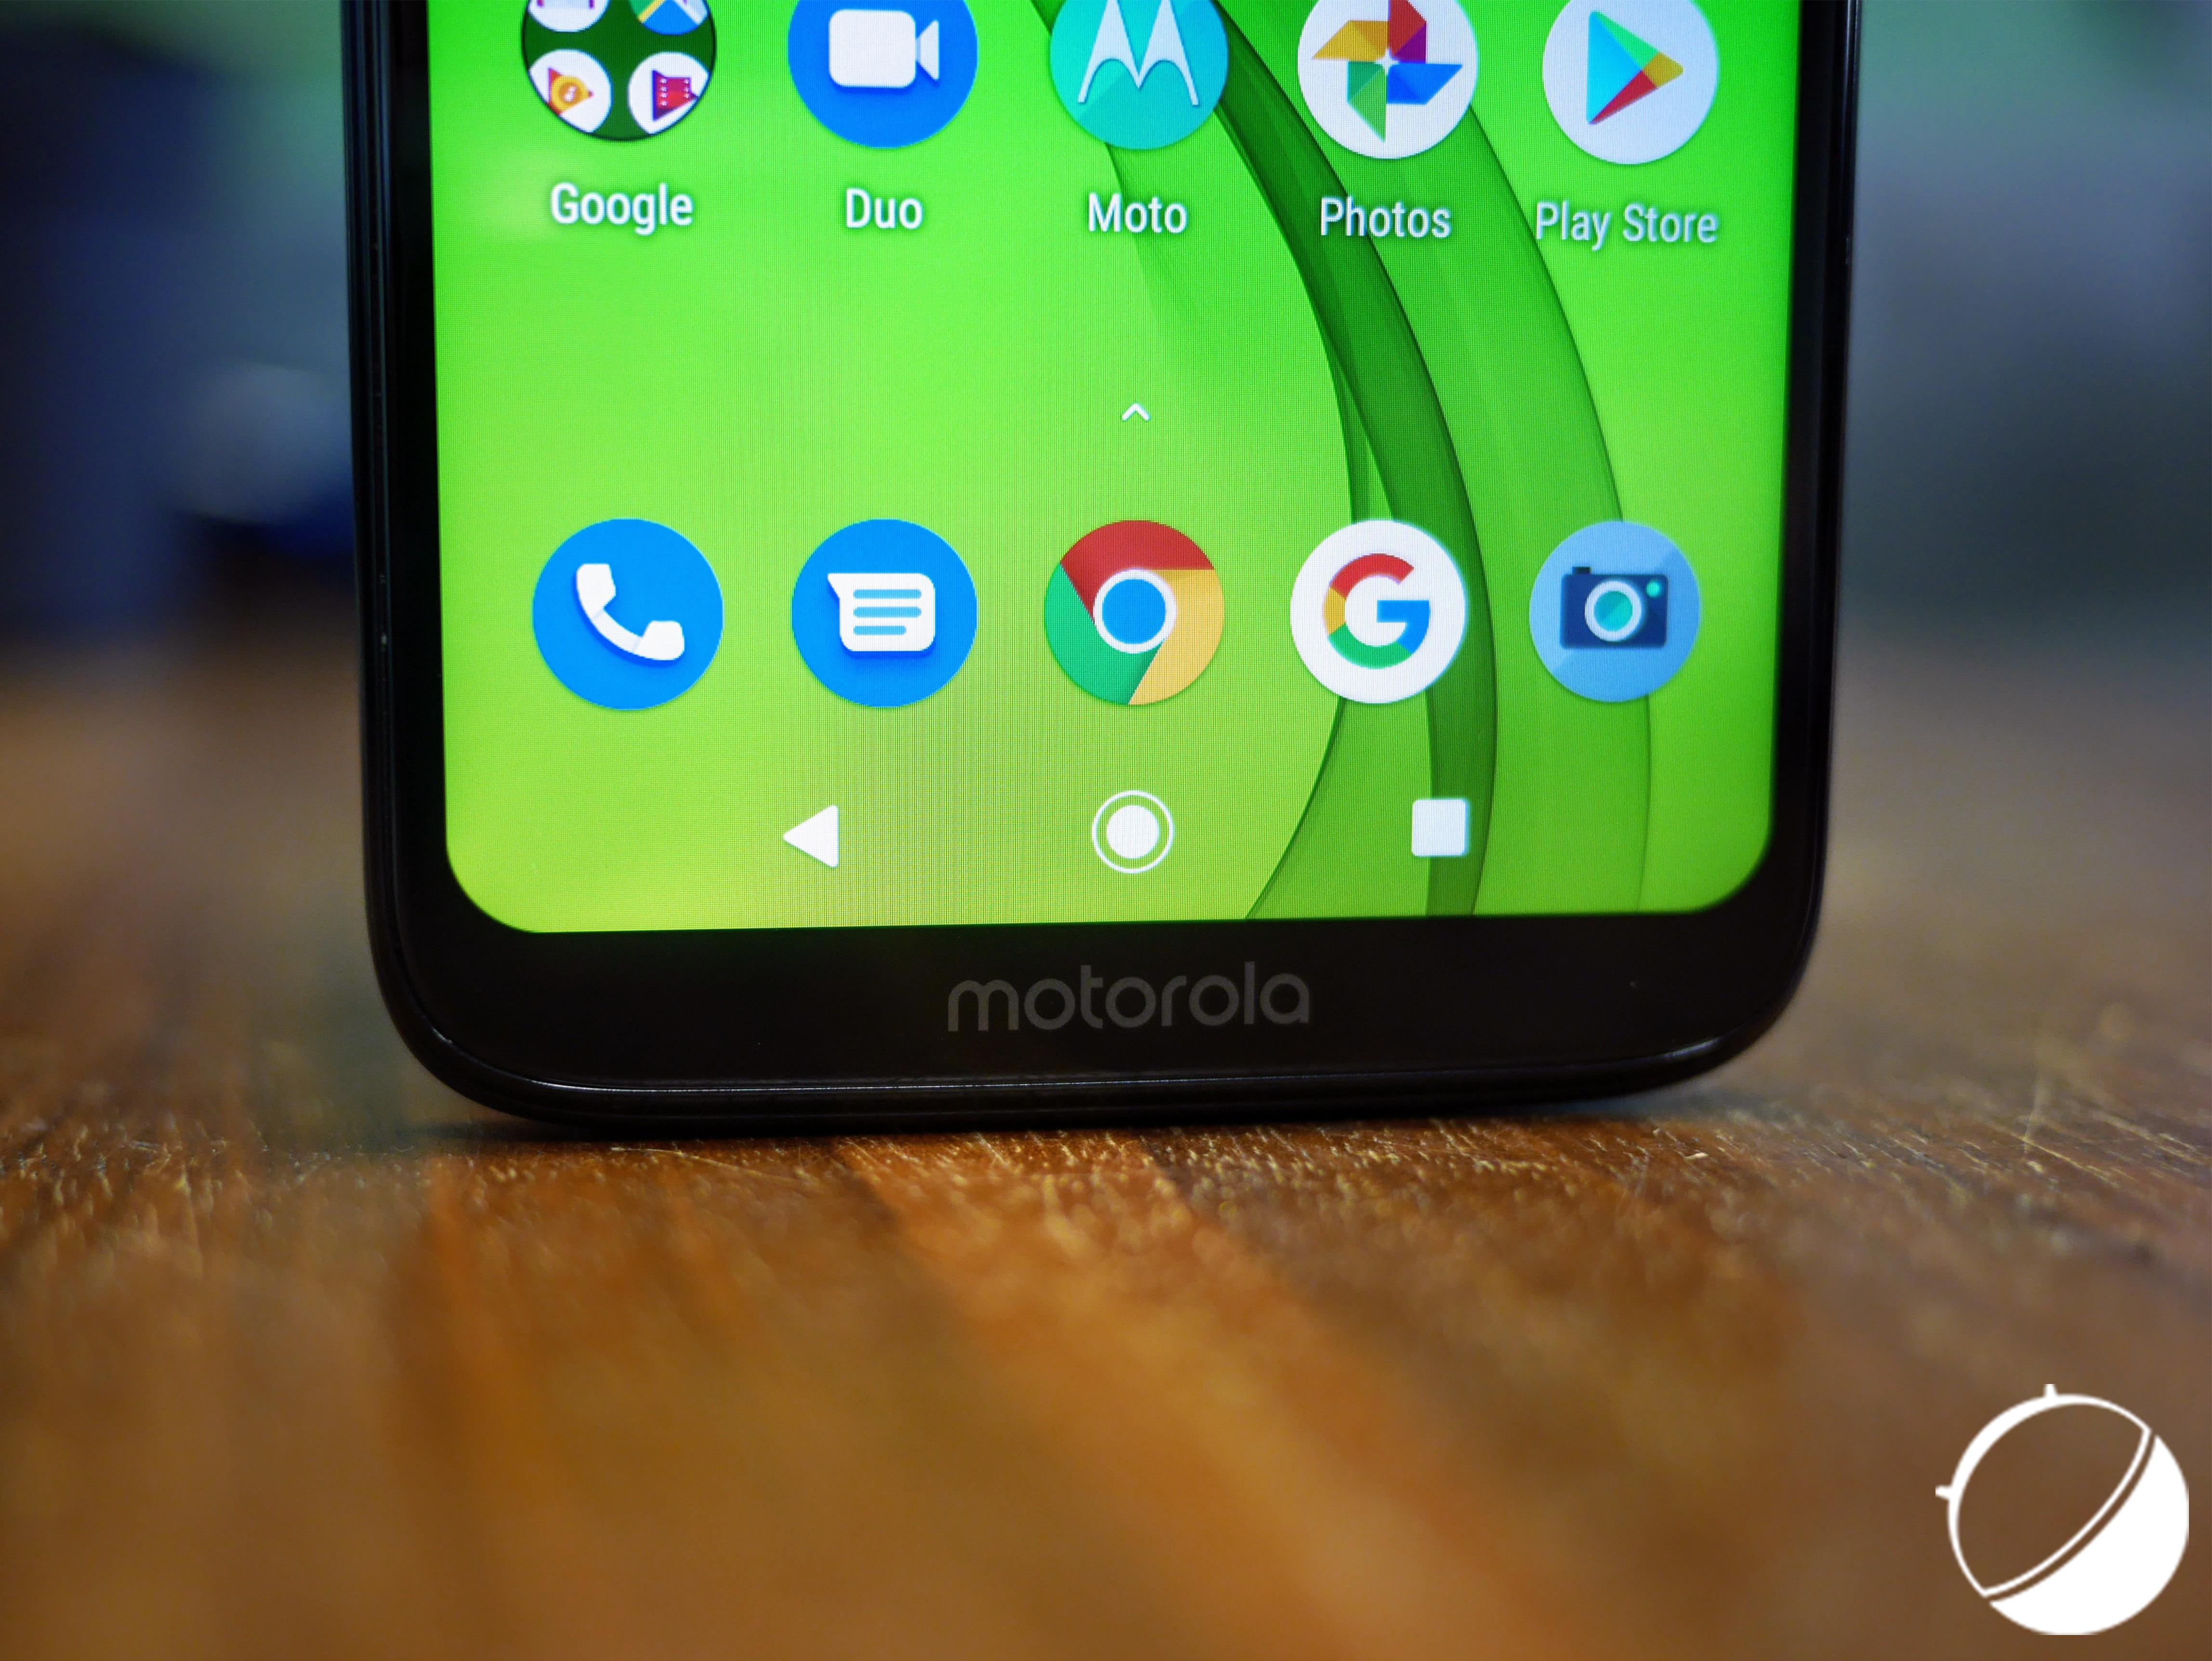 Le logo Motorola offre au menton une sorte «d'alibi»